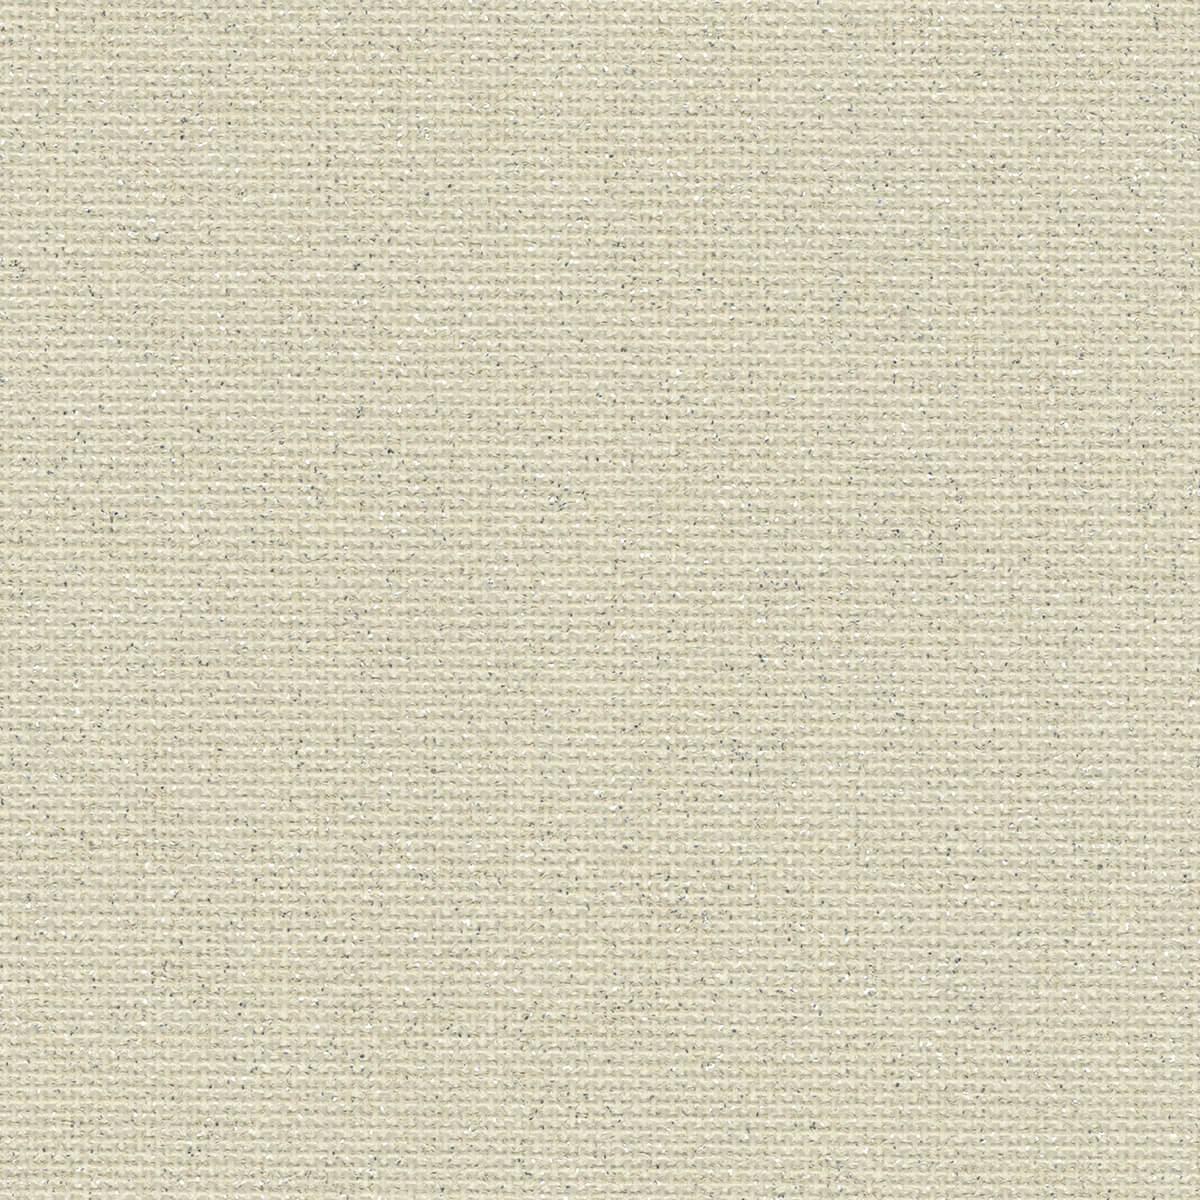 پرده شید با سبک مدرن | جنس پلی استر | کد VSH30| گروه وراتی